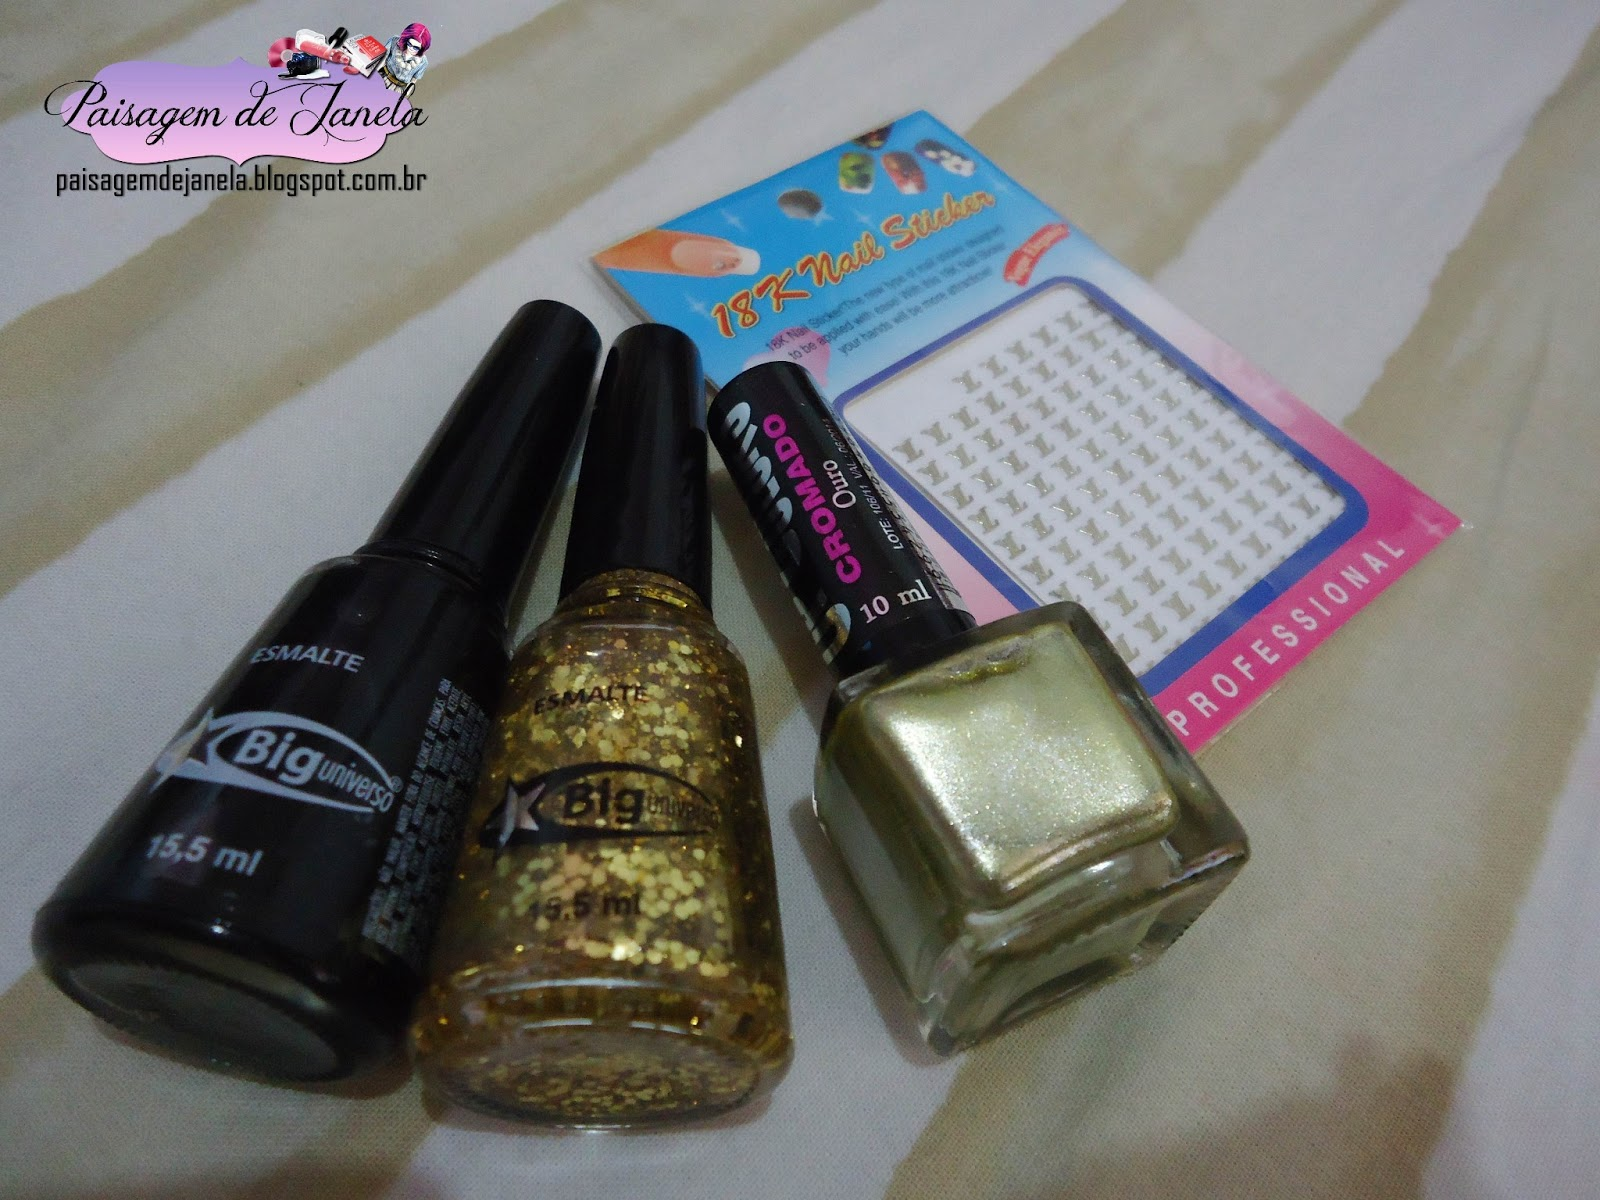 #2B75A0  : Mani Preto & Dourado   Tudo Adesivo Blog Paisagem de Janela 3520 Adesivo Preto Para Janela